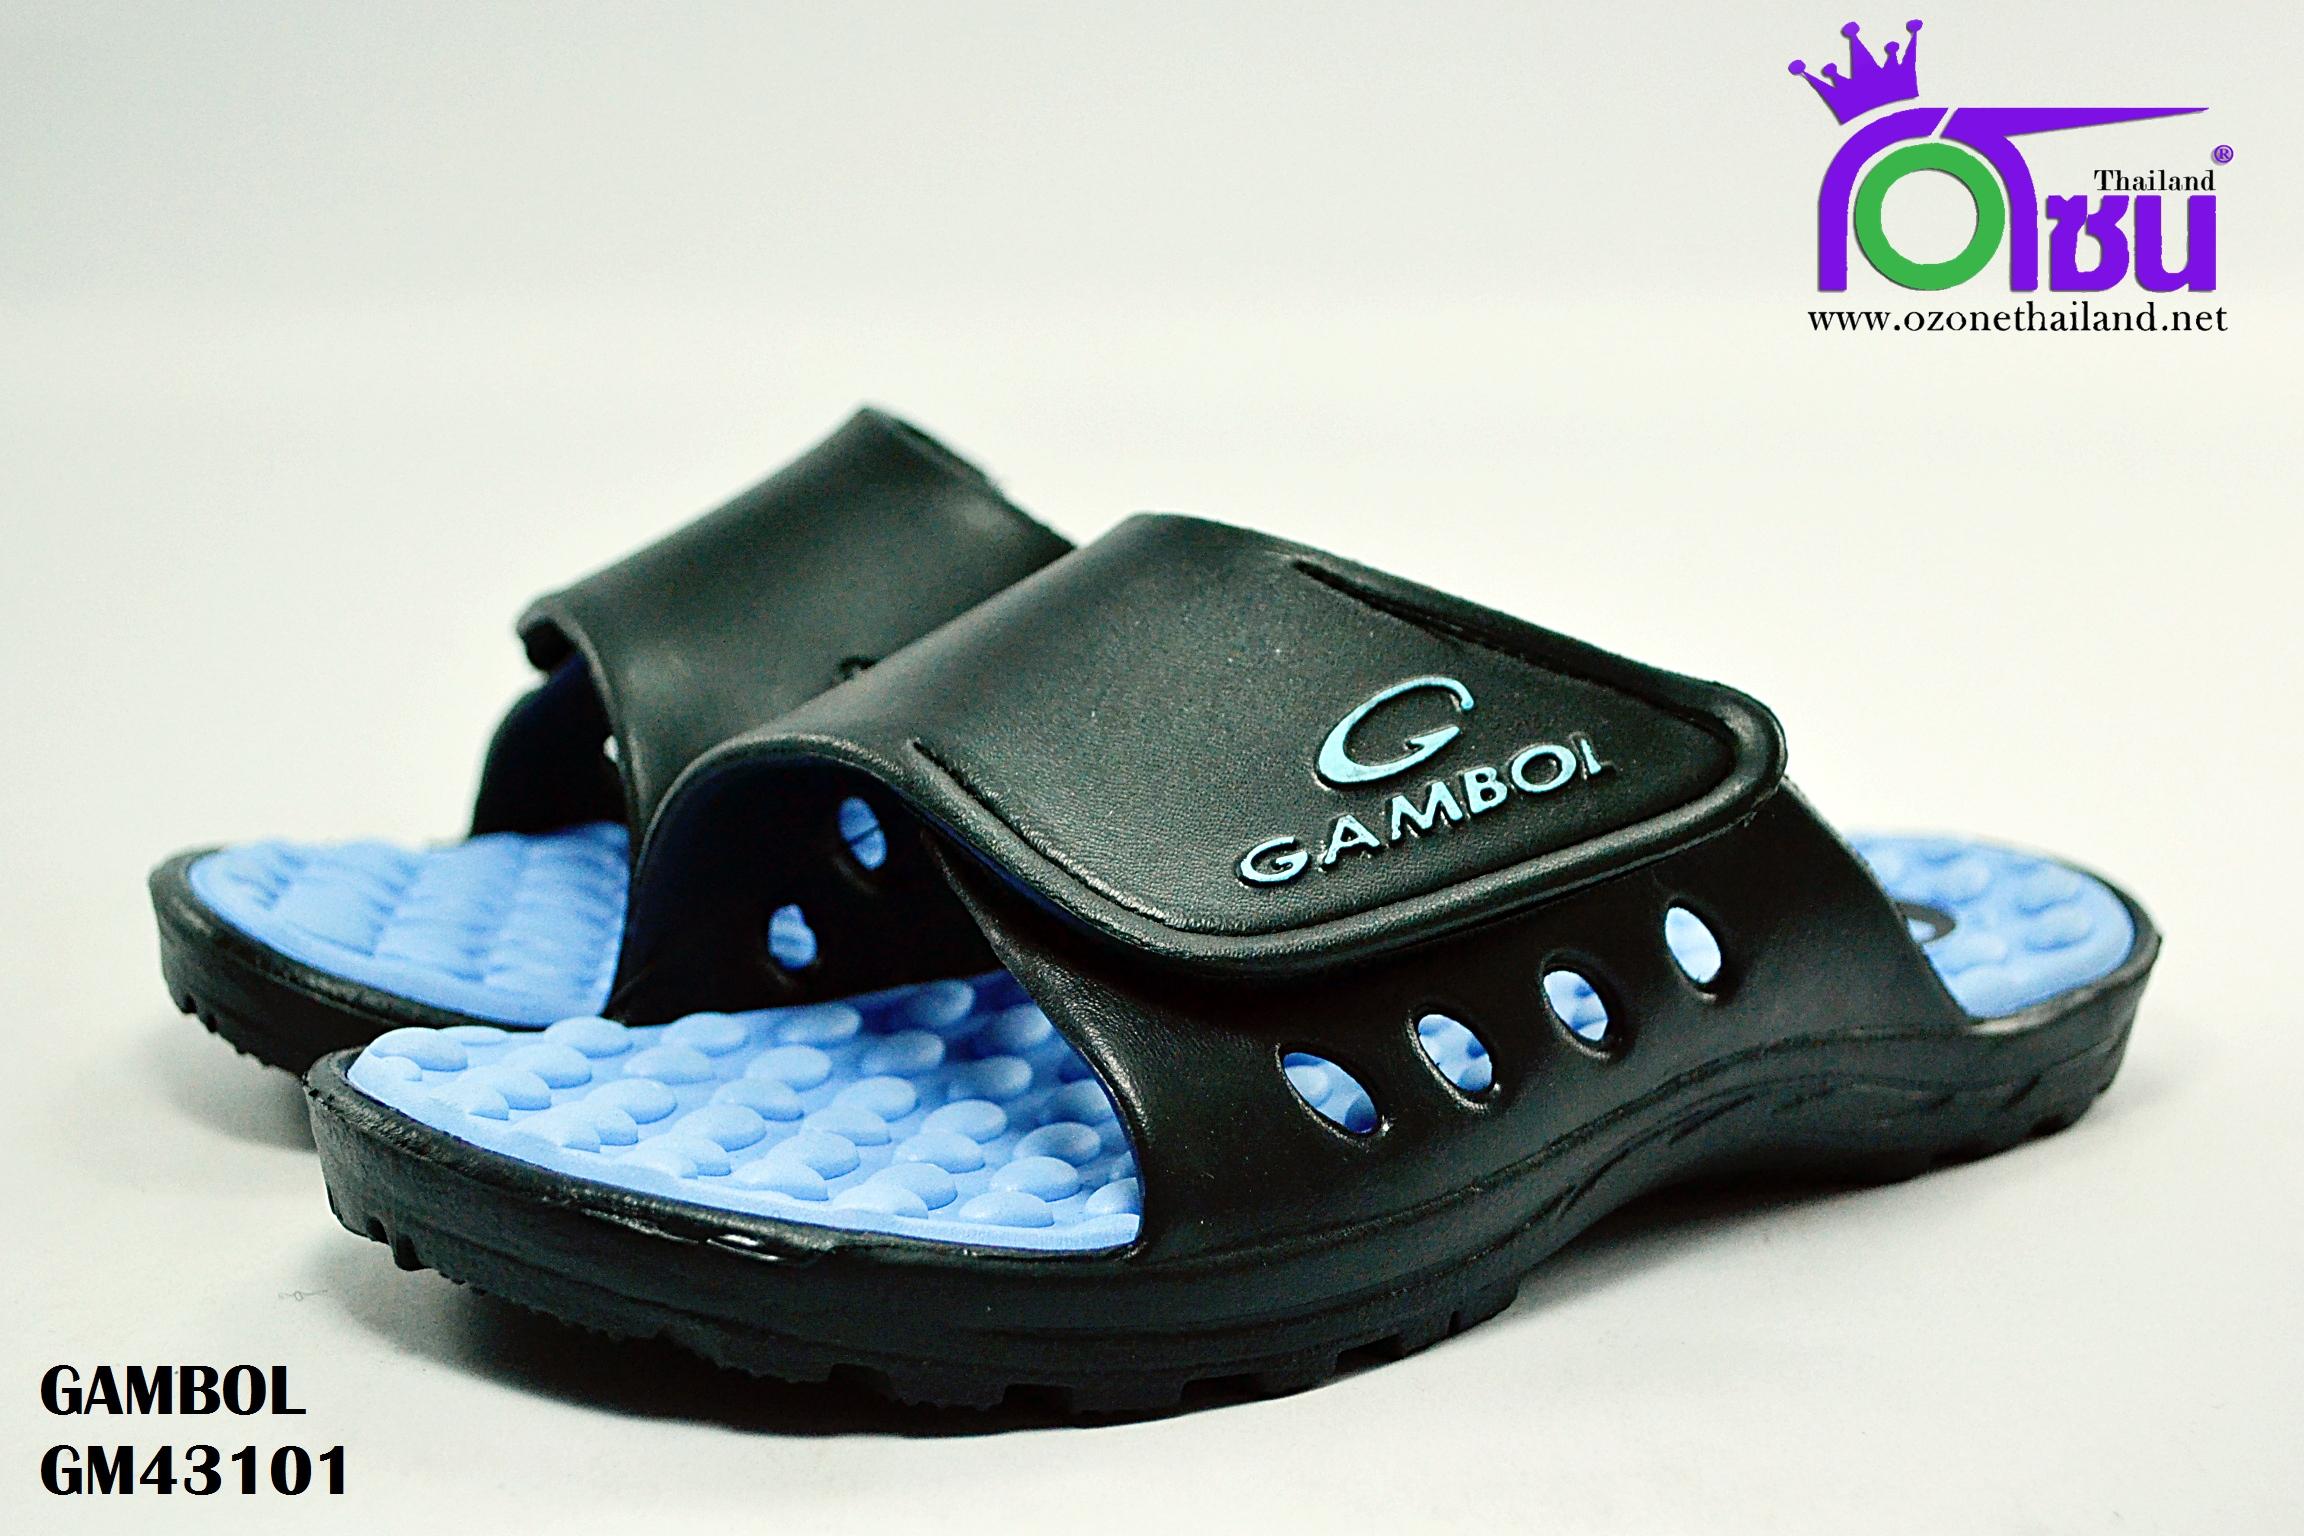 รองเท้าแตะ GAMBOL แกมโบล รุ่น GM 43101 สีฟ้า เบอร์ 4-9